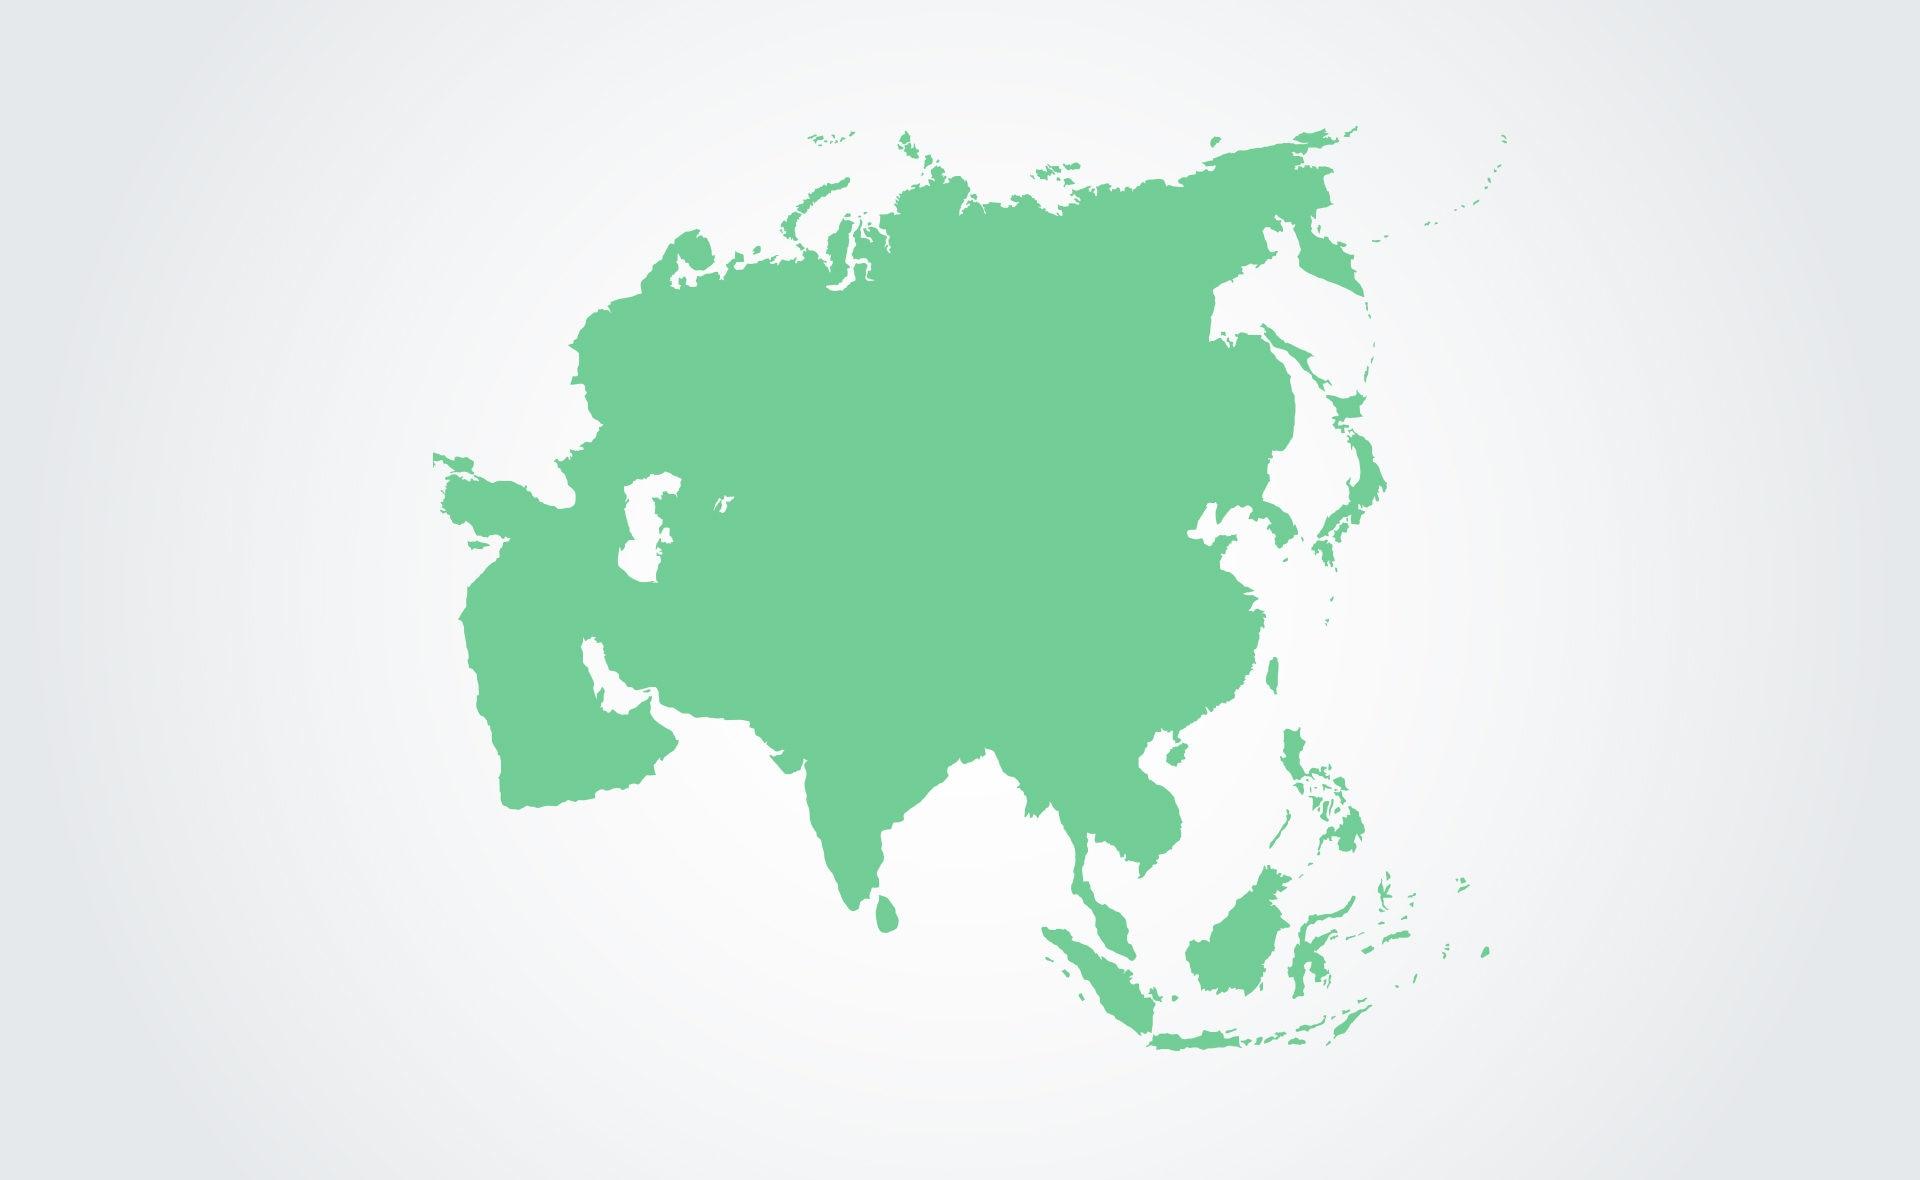 Fotografía de Sostenibilidad, mapa, Asia, china, mercados, finanzas sostenibles, verde